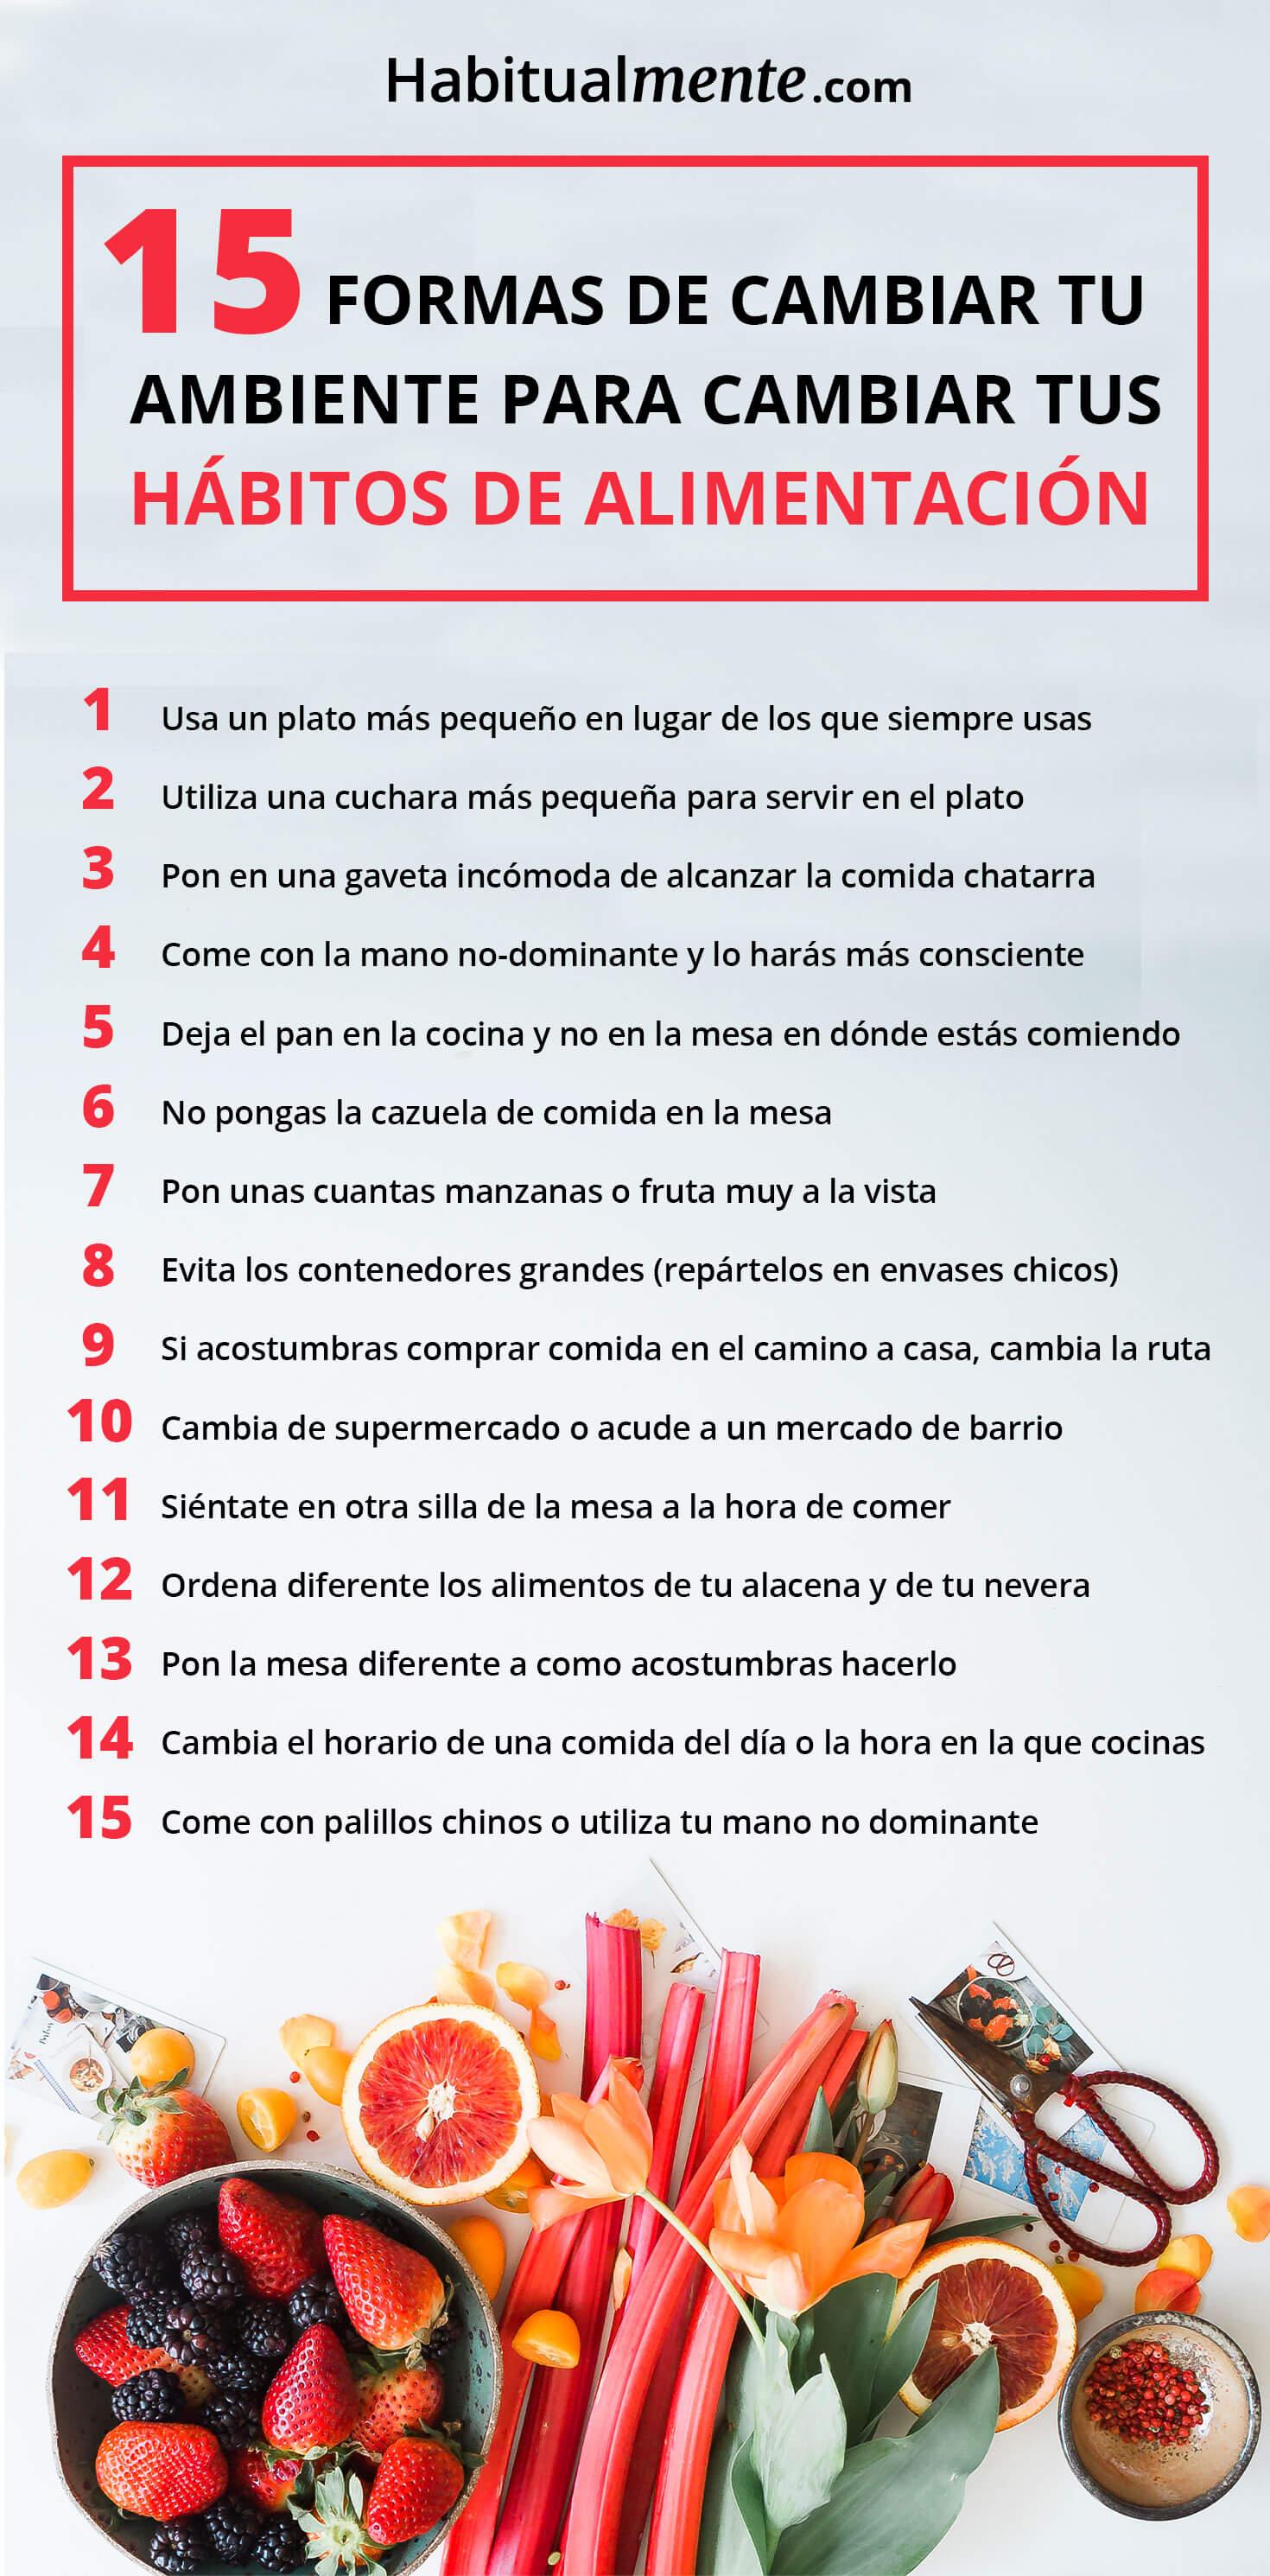 15-formas-de-cambiar-tu-ambiente-para-cambiar-hábitos-de-alimentación